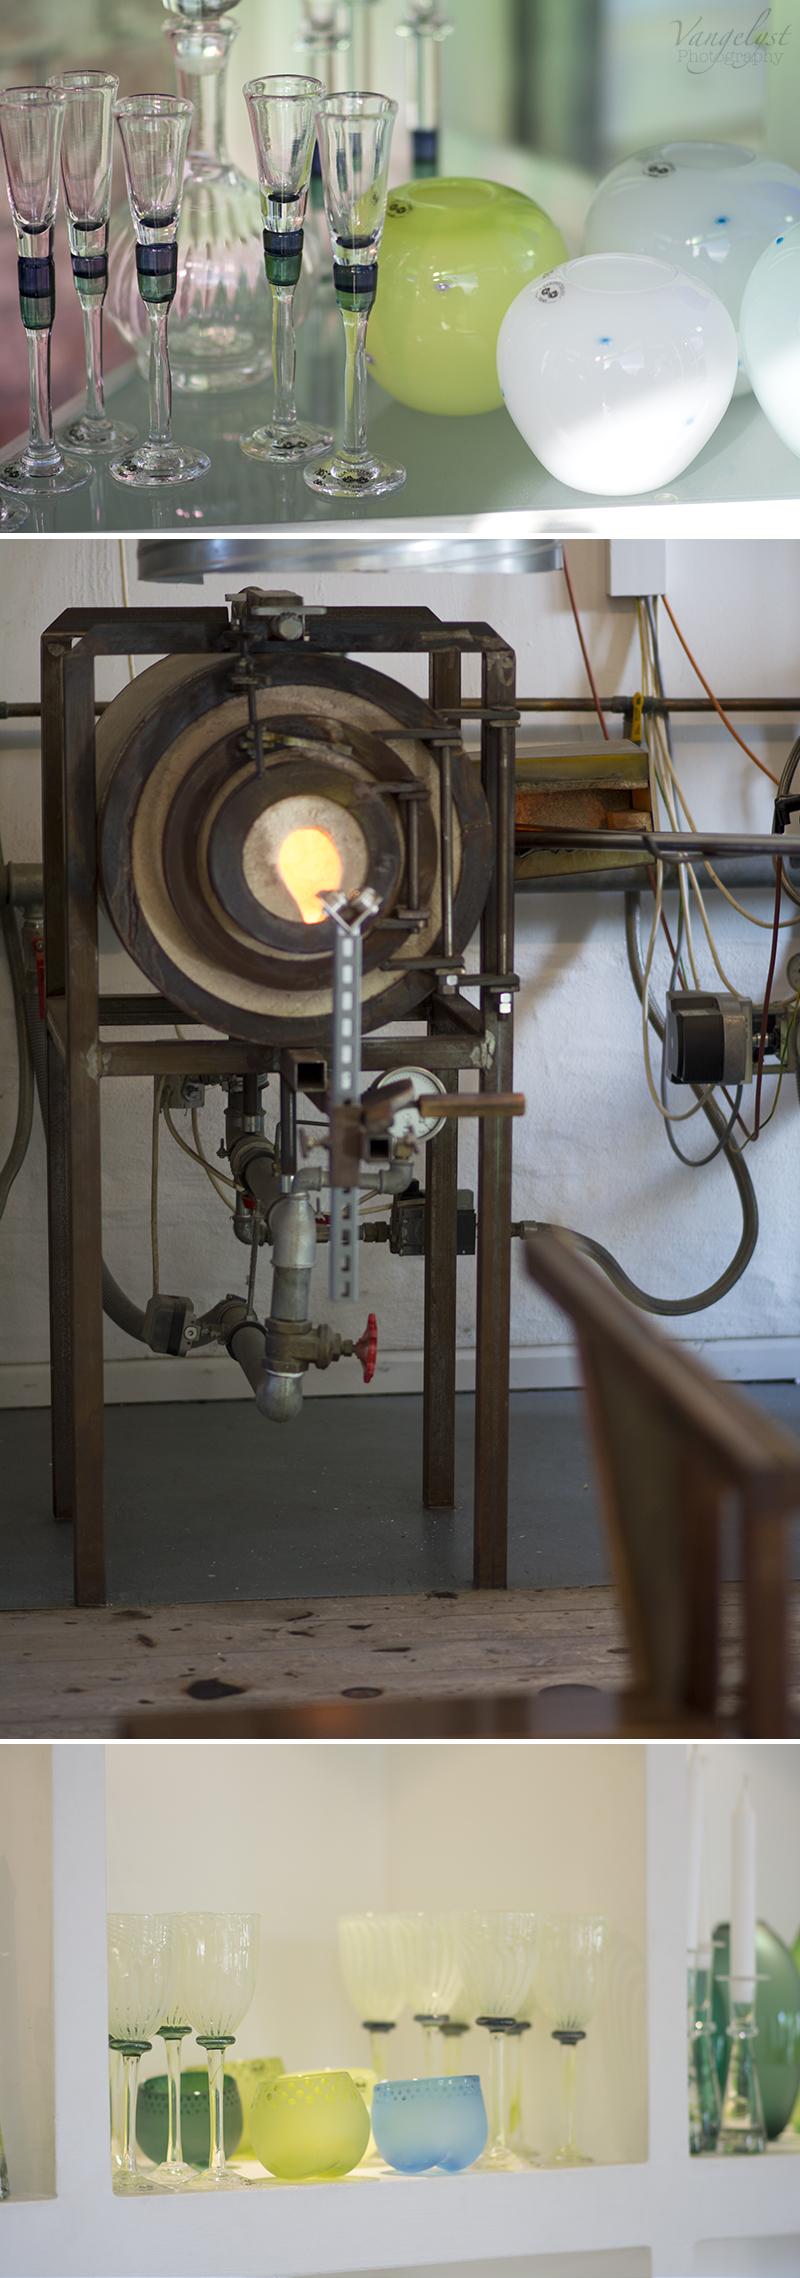 Fanoe glaspusteri ovn glas vaser